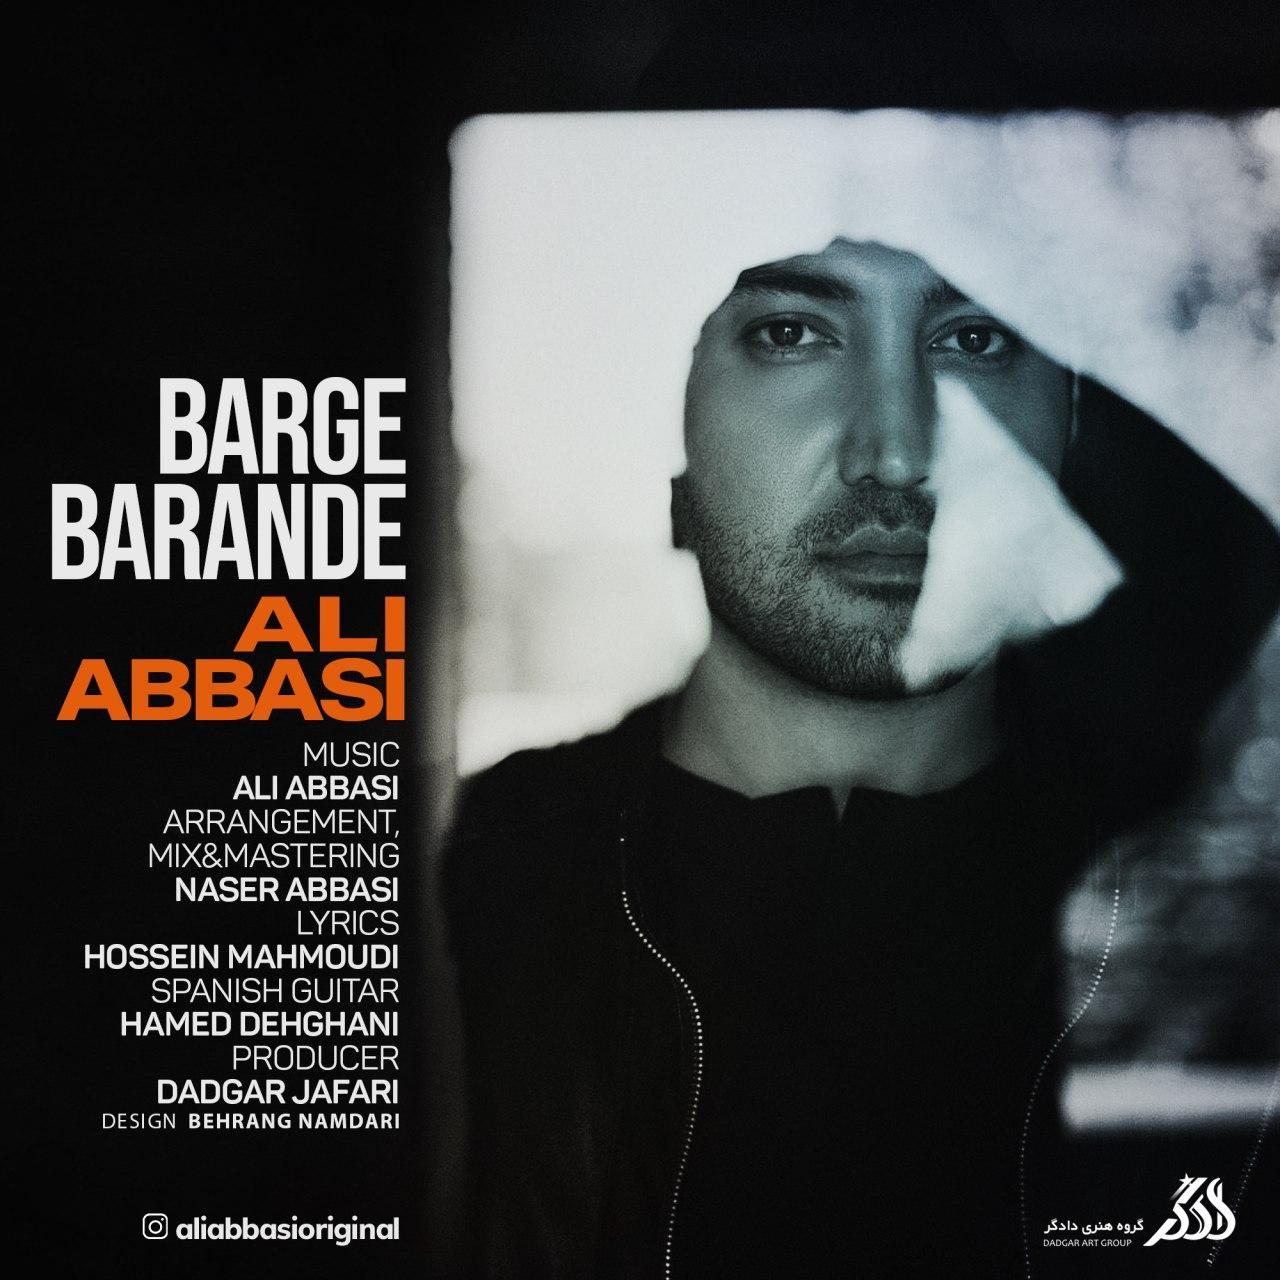 Ali Abbasi – Barge Barande